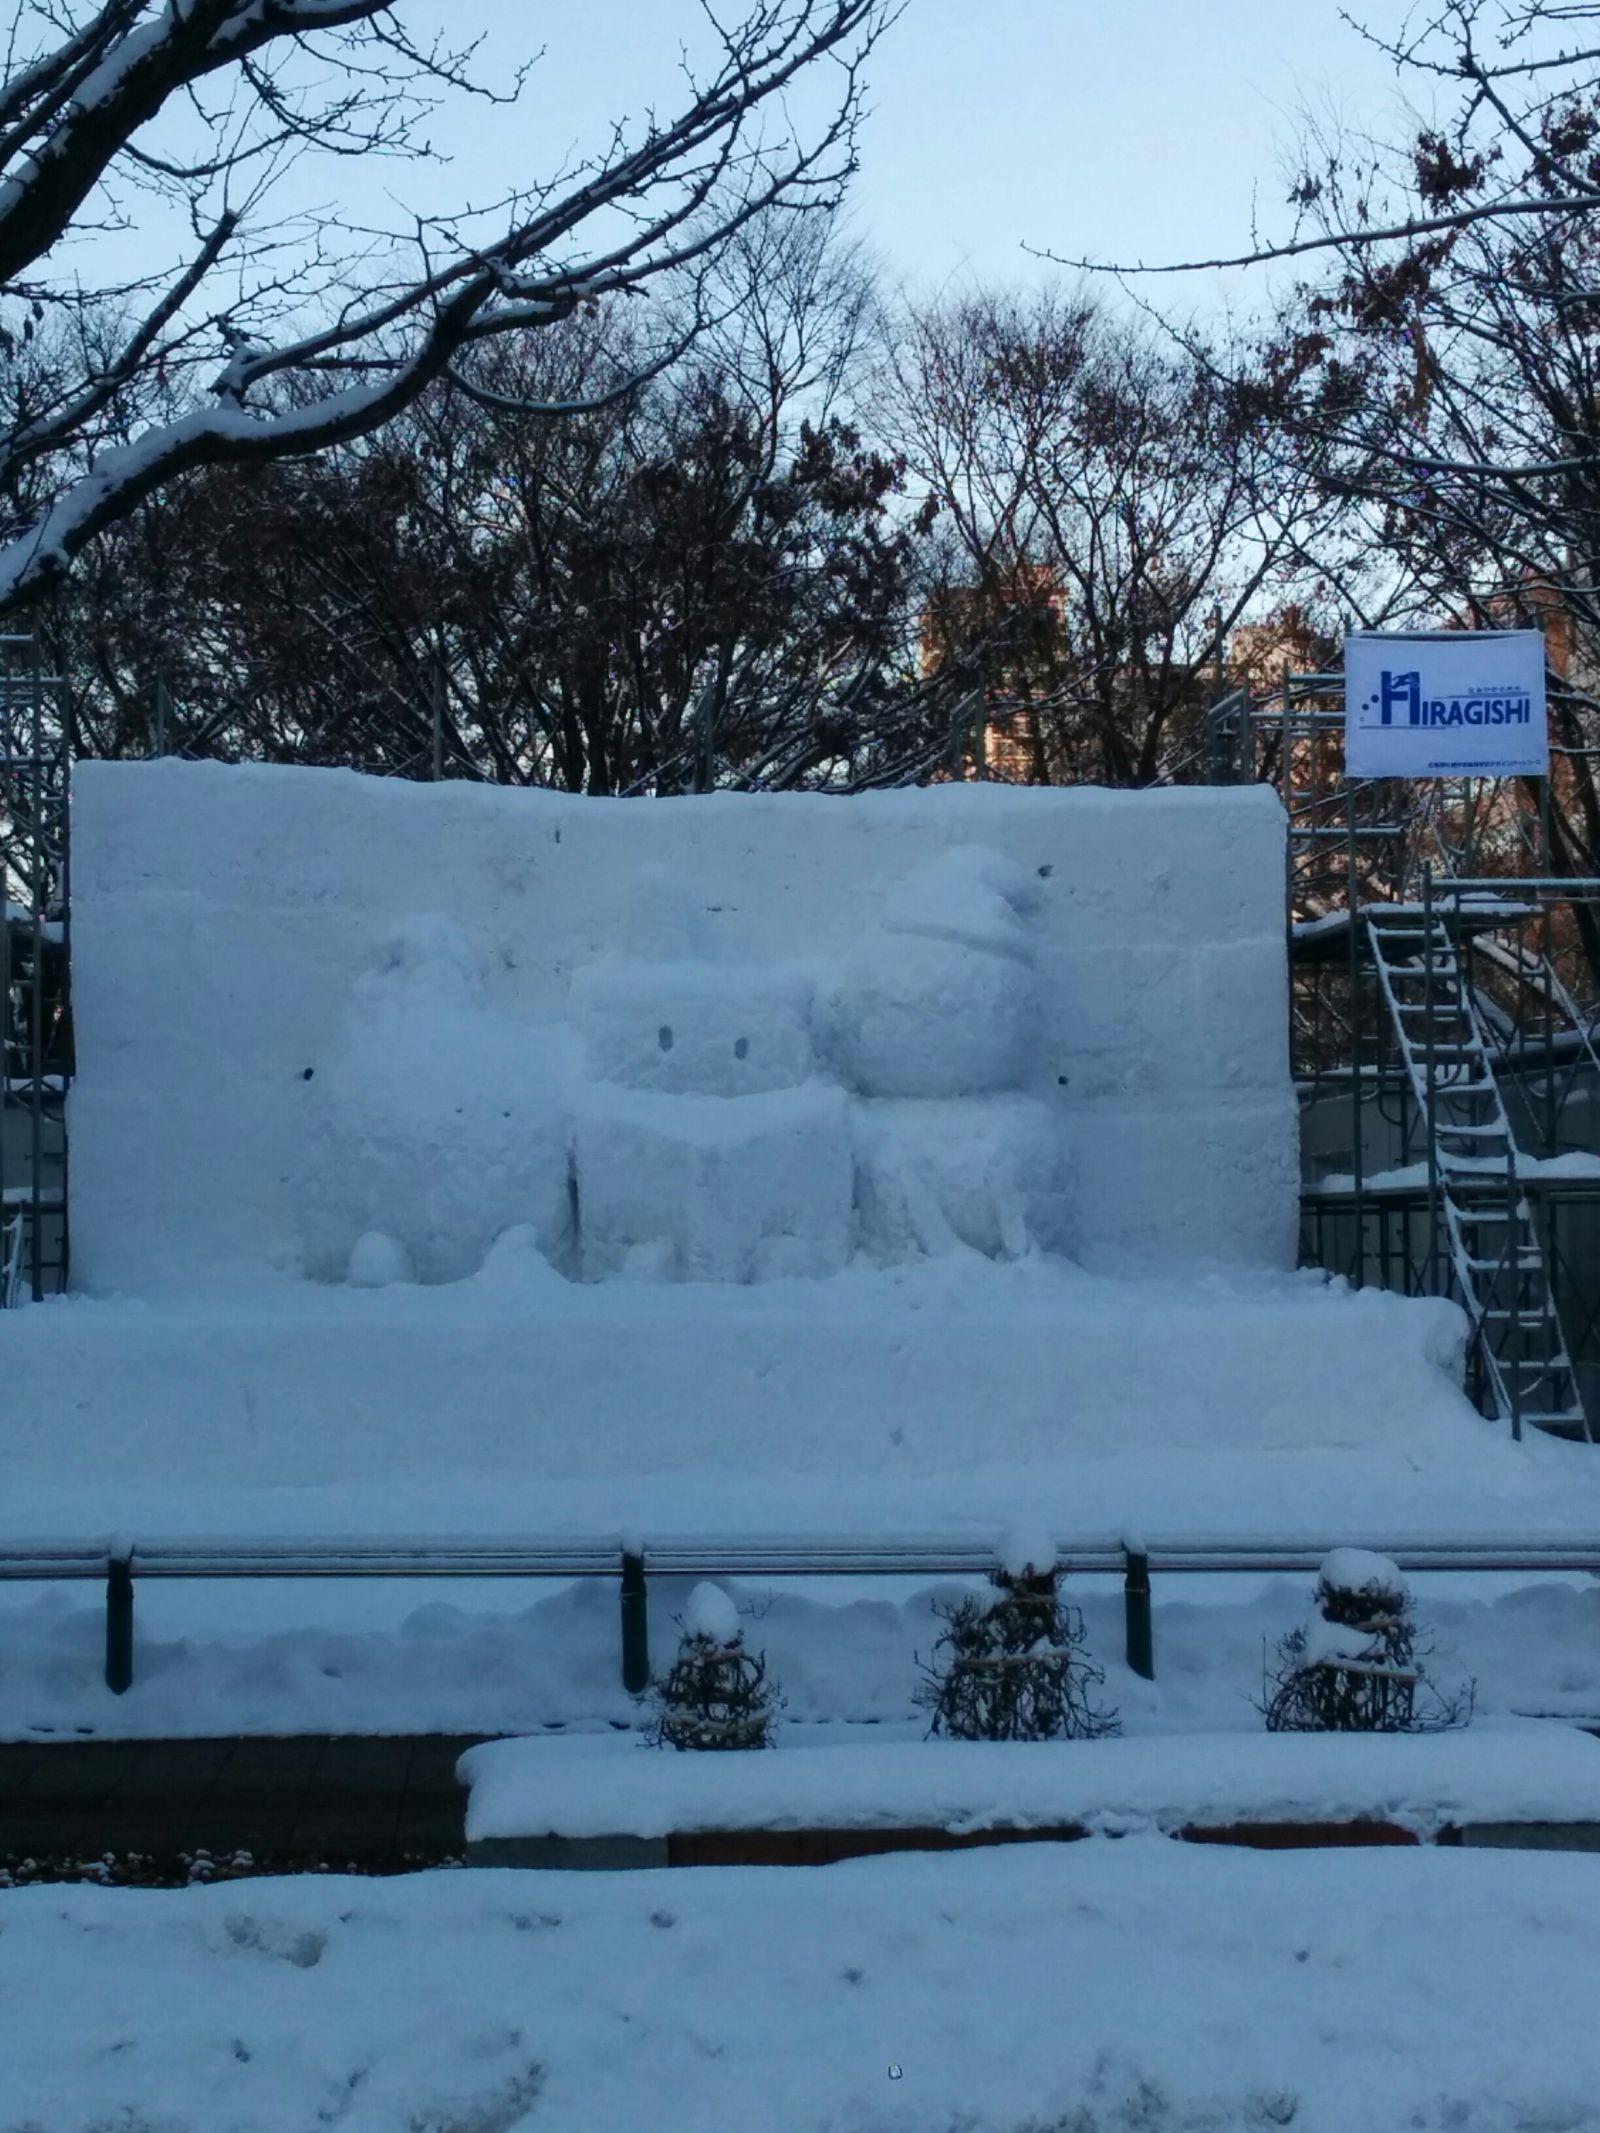 【札幌市】さっぽろ雪まつり雪像制作風景観光写真です。